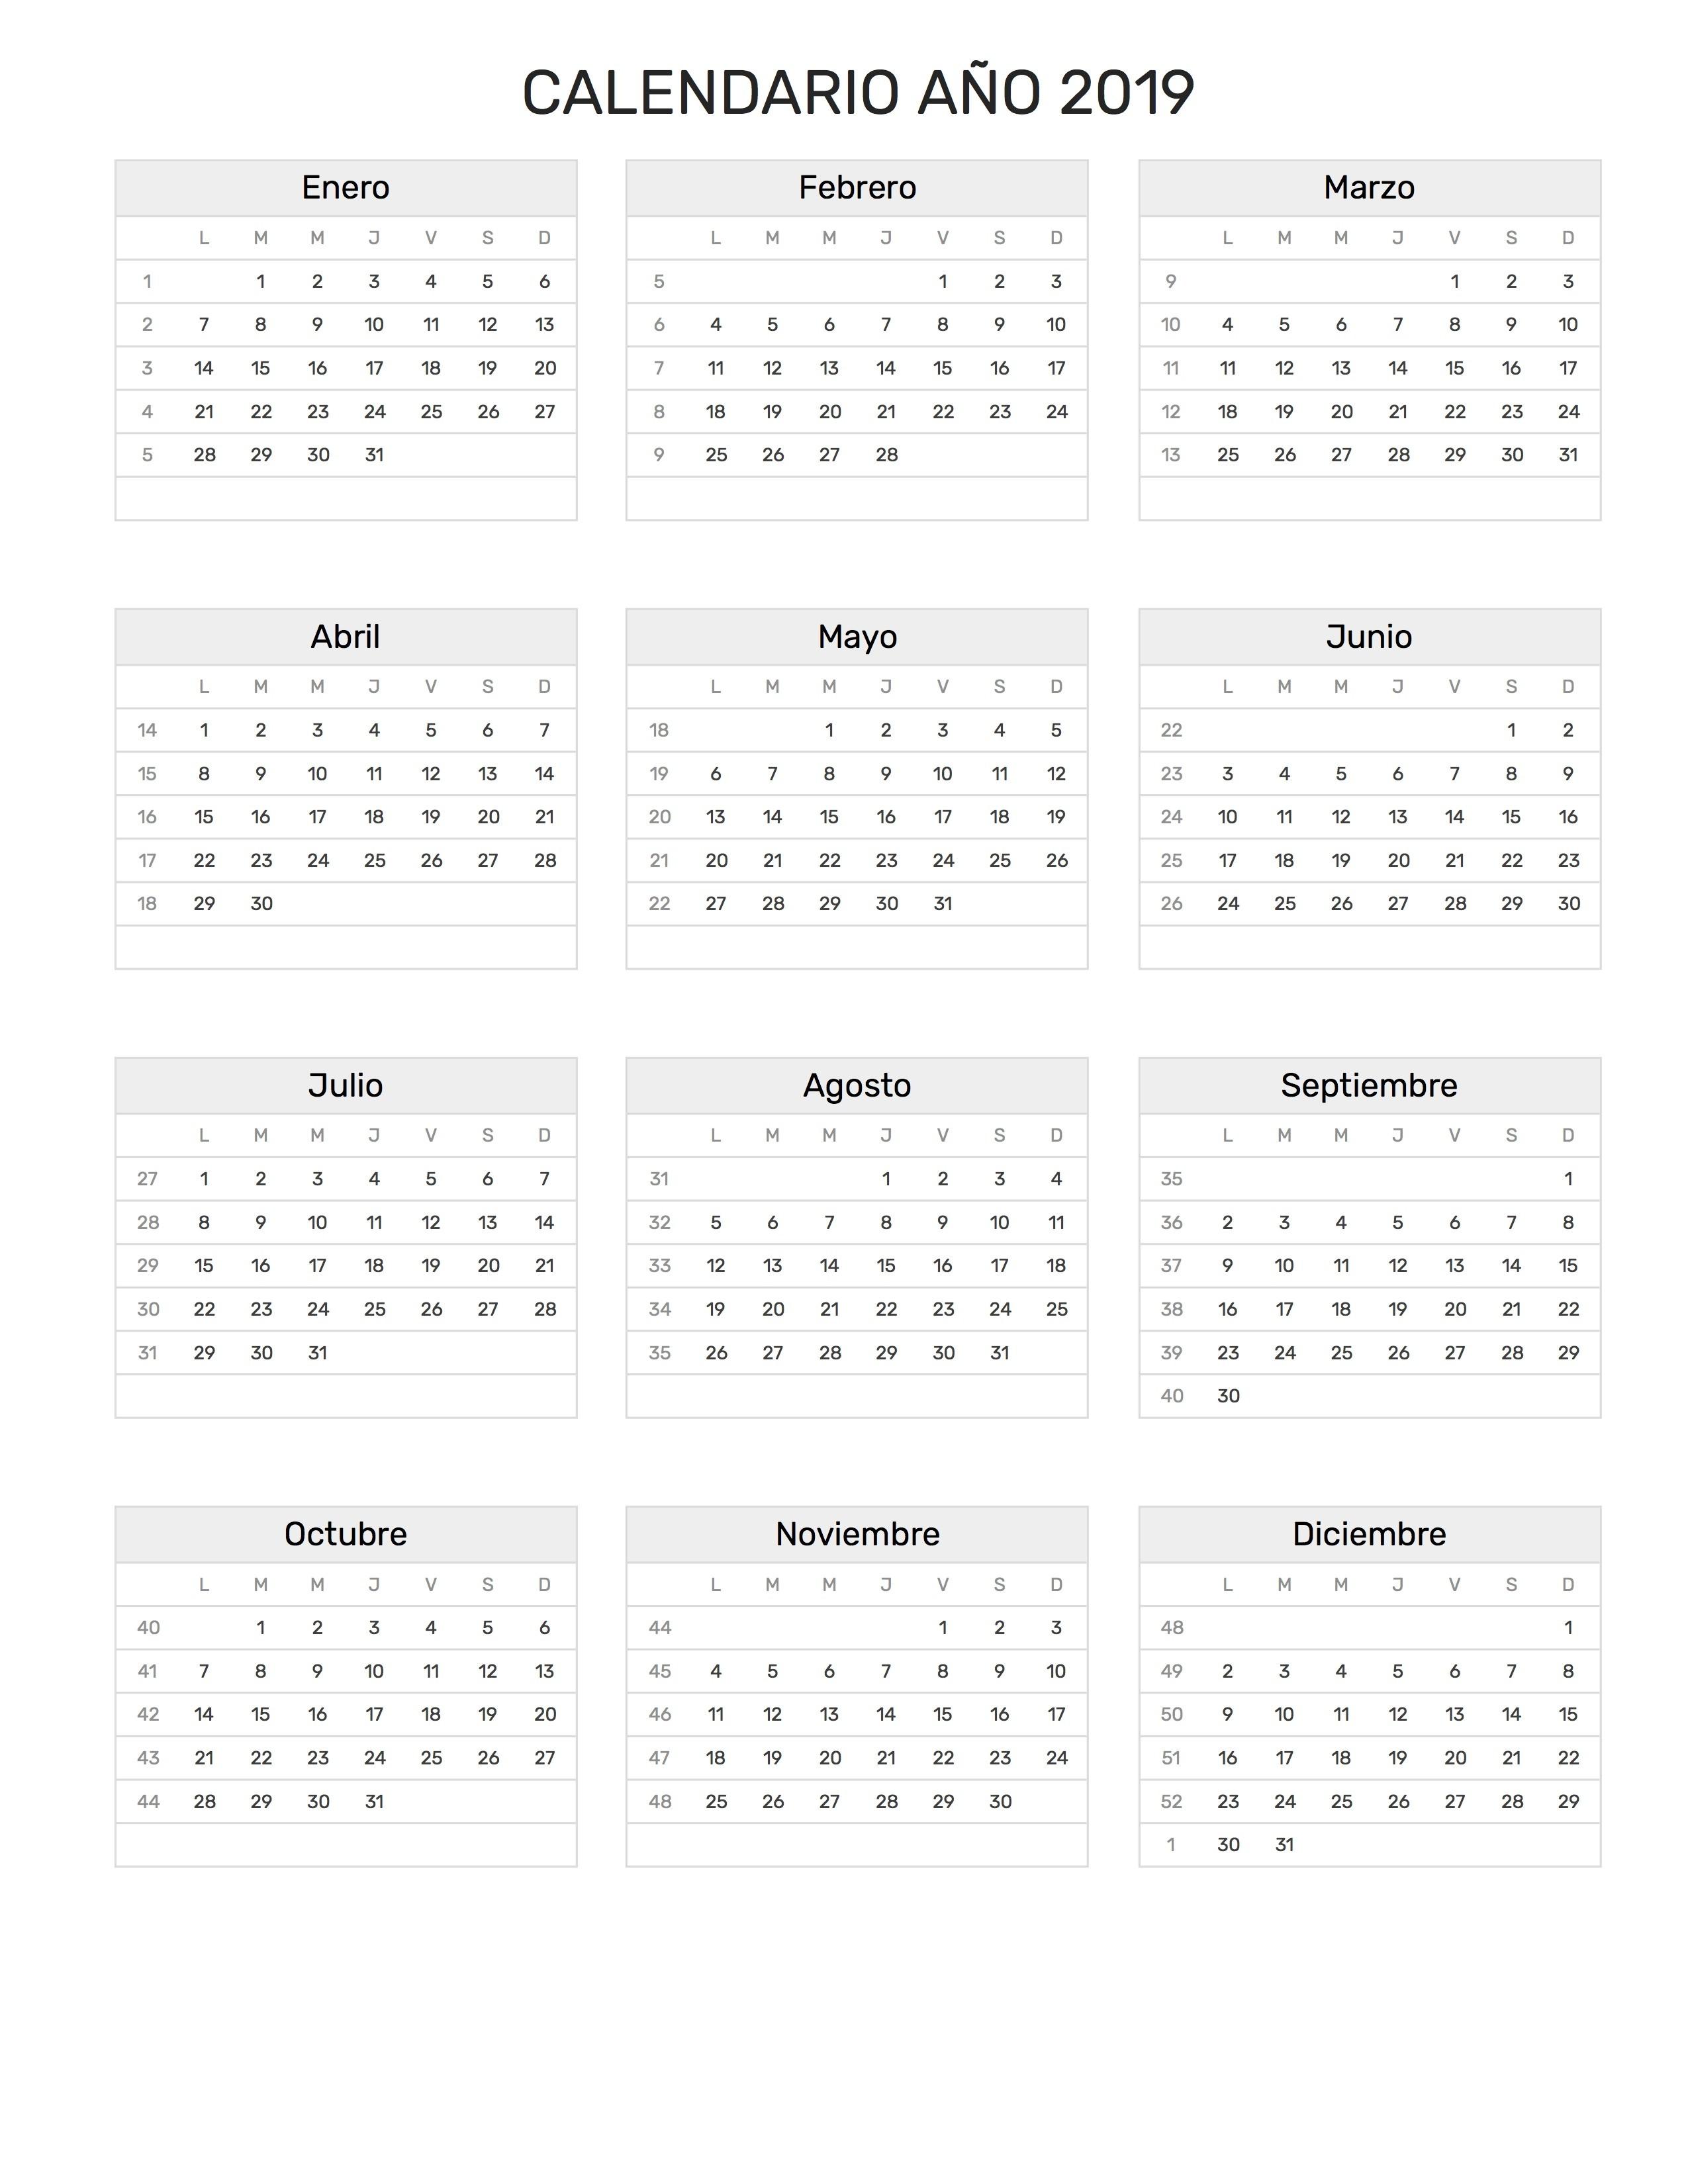 Calendario 2019 Para Imprimir Costa Rica Más Actual Calendario A±o 2019 Of Calendario 2019 Para Imprimir Costa Rica Más Caliente Calendario Cuba A±o 2019